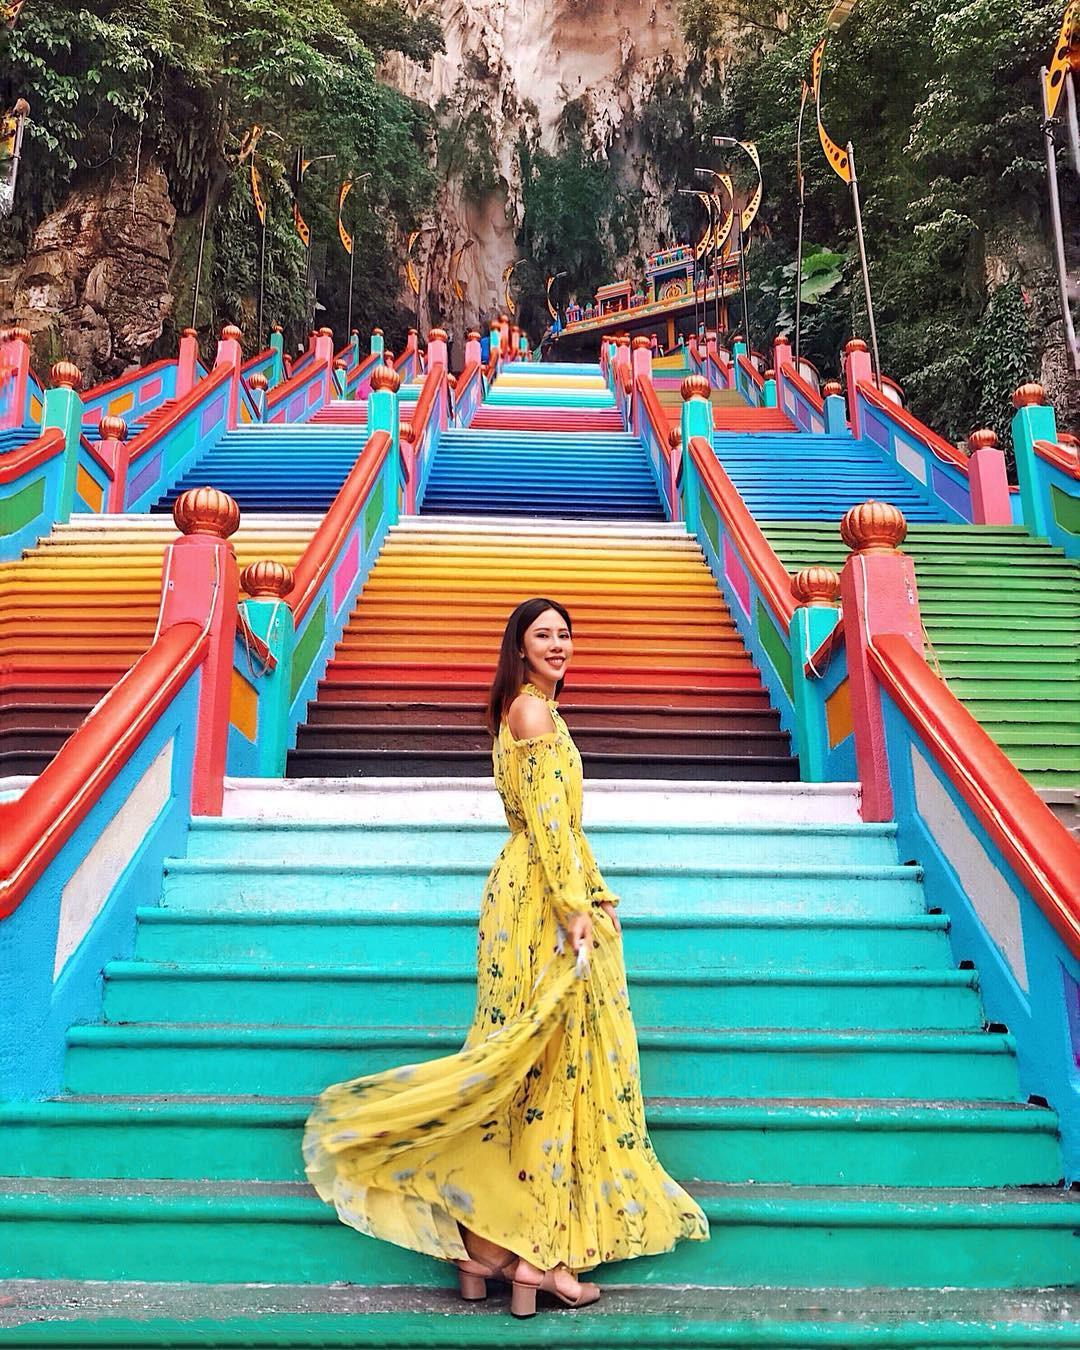 VZN News: Nữ travel blogger chia sẻ bí kíp sống ảo tại động Batu nổi tiếng để lúc đi vắng người, khi về thì hốt trọn ảnh xinh - Ảnh 1.